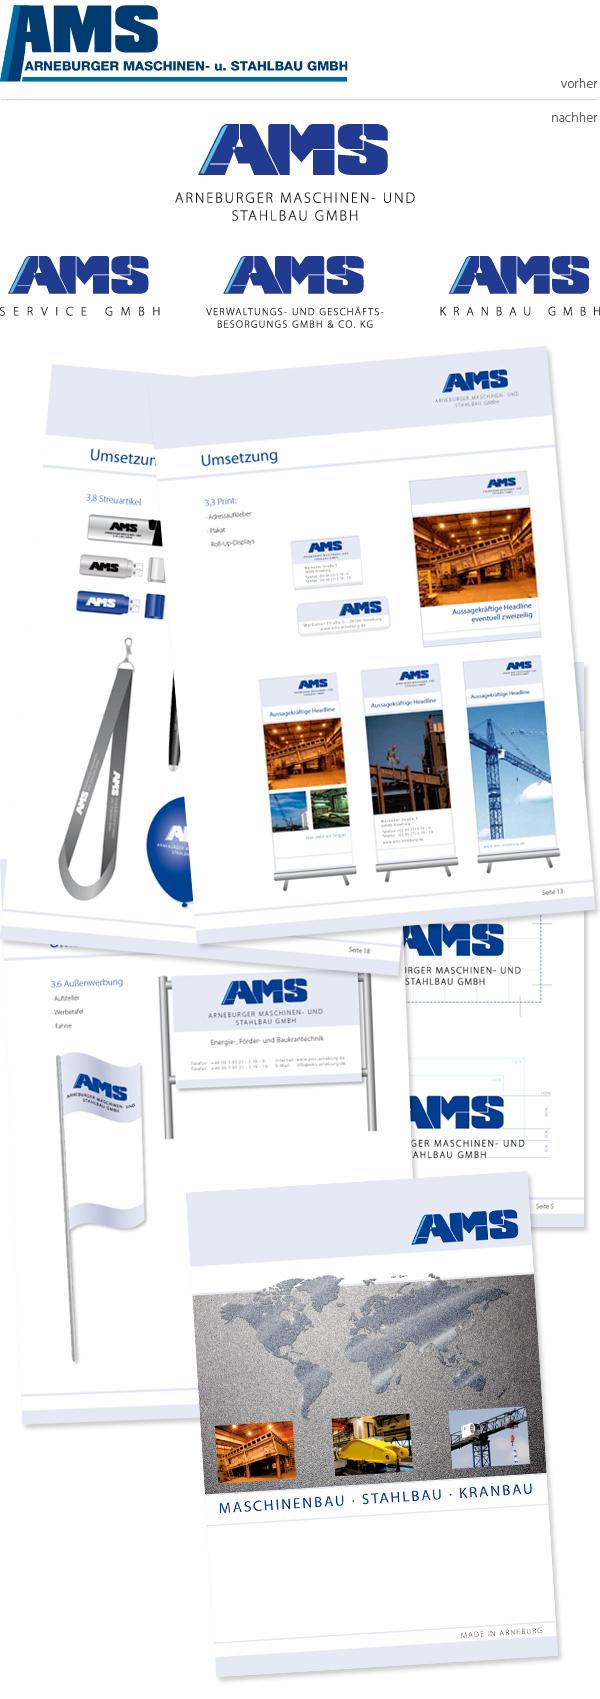 Corporate Design für AMS inklusive Banner, Schilder, Visitenkarte und Werbeartikel